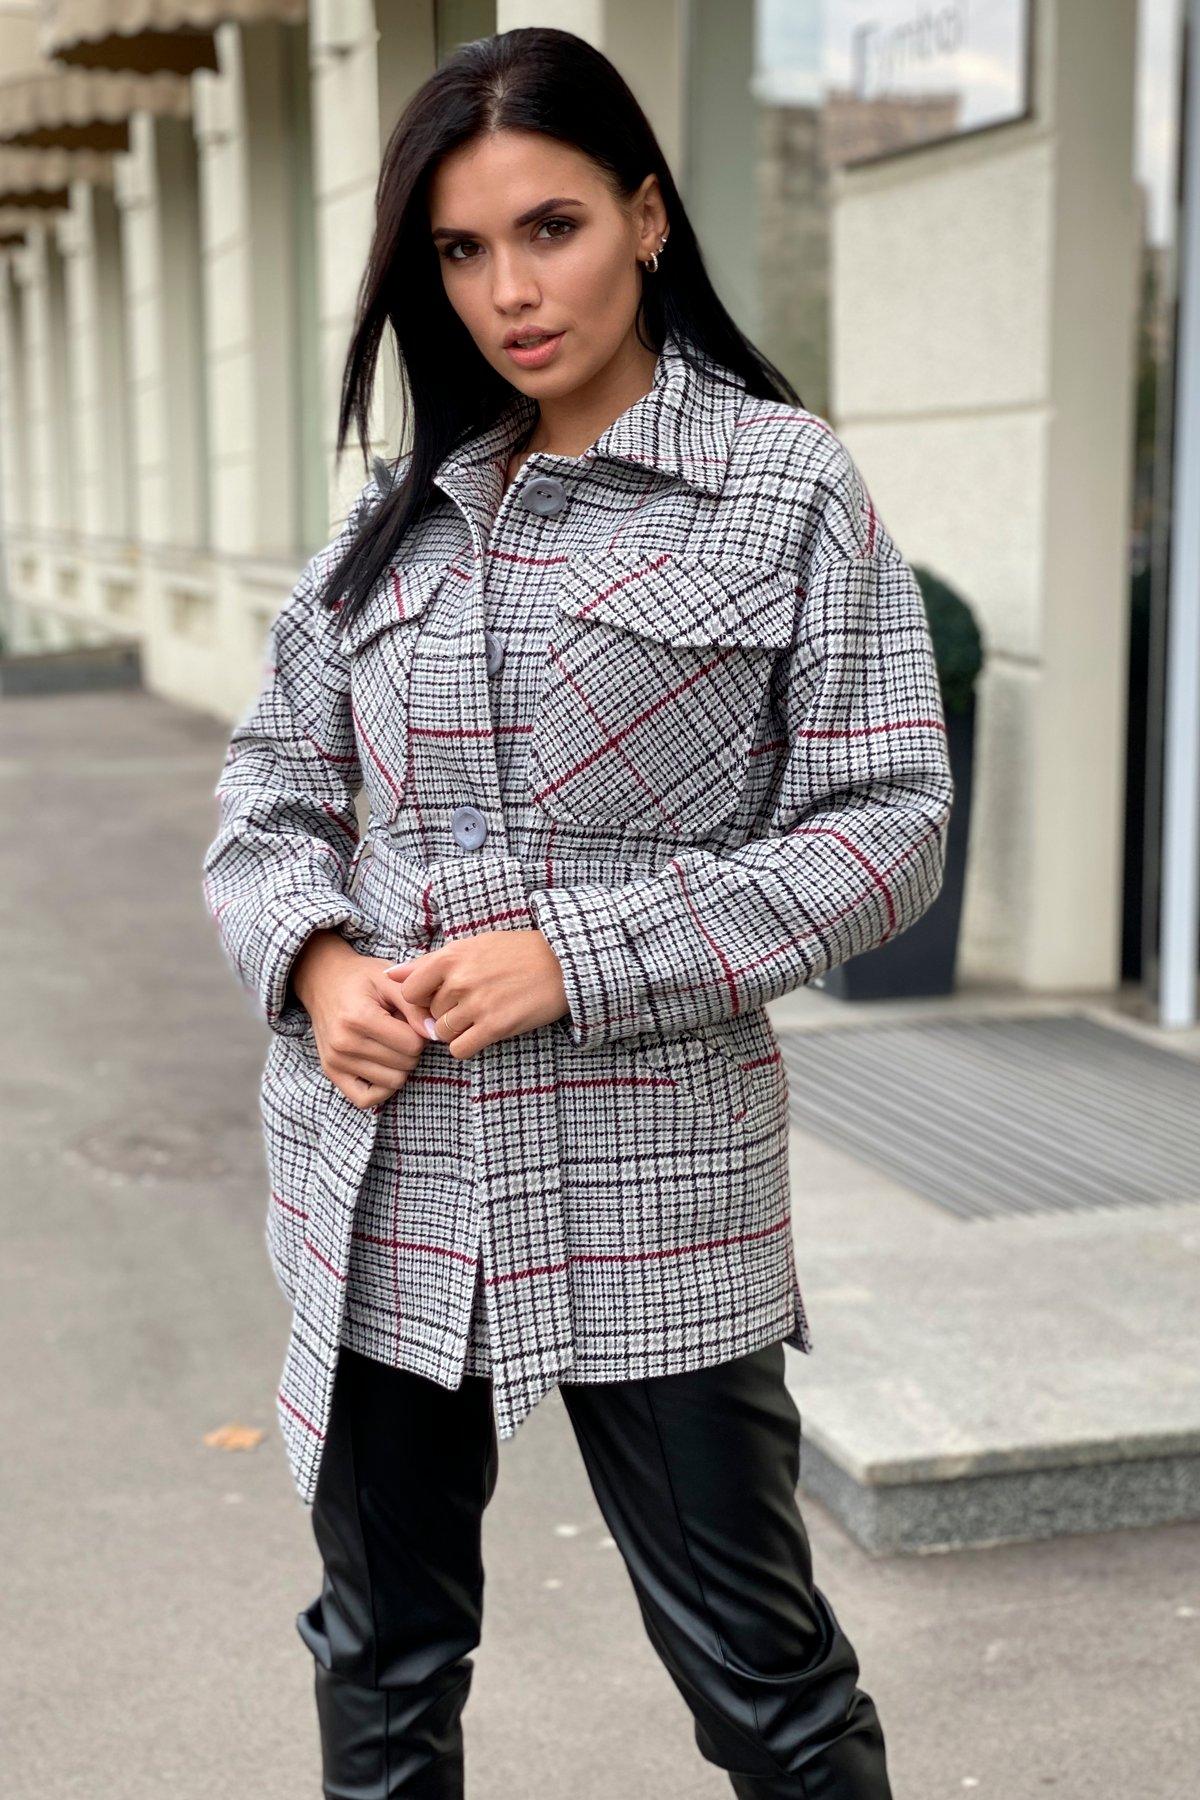 Энрике клетка крупная пальтовая ткань пальто 9036 АРТ. 46157 Цвет: Комби Черный/серый/винный - фото 1, интернет магазин tm-modus.ru